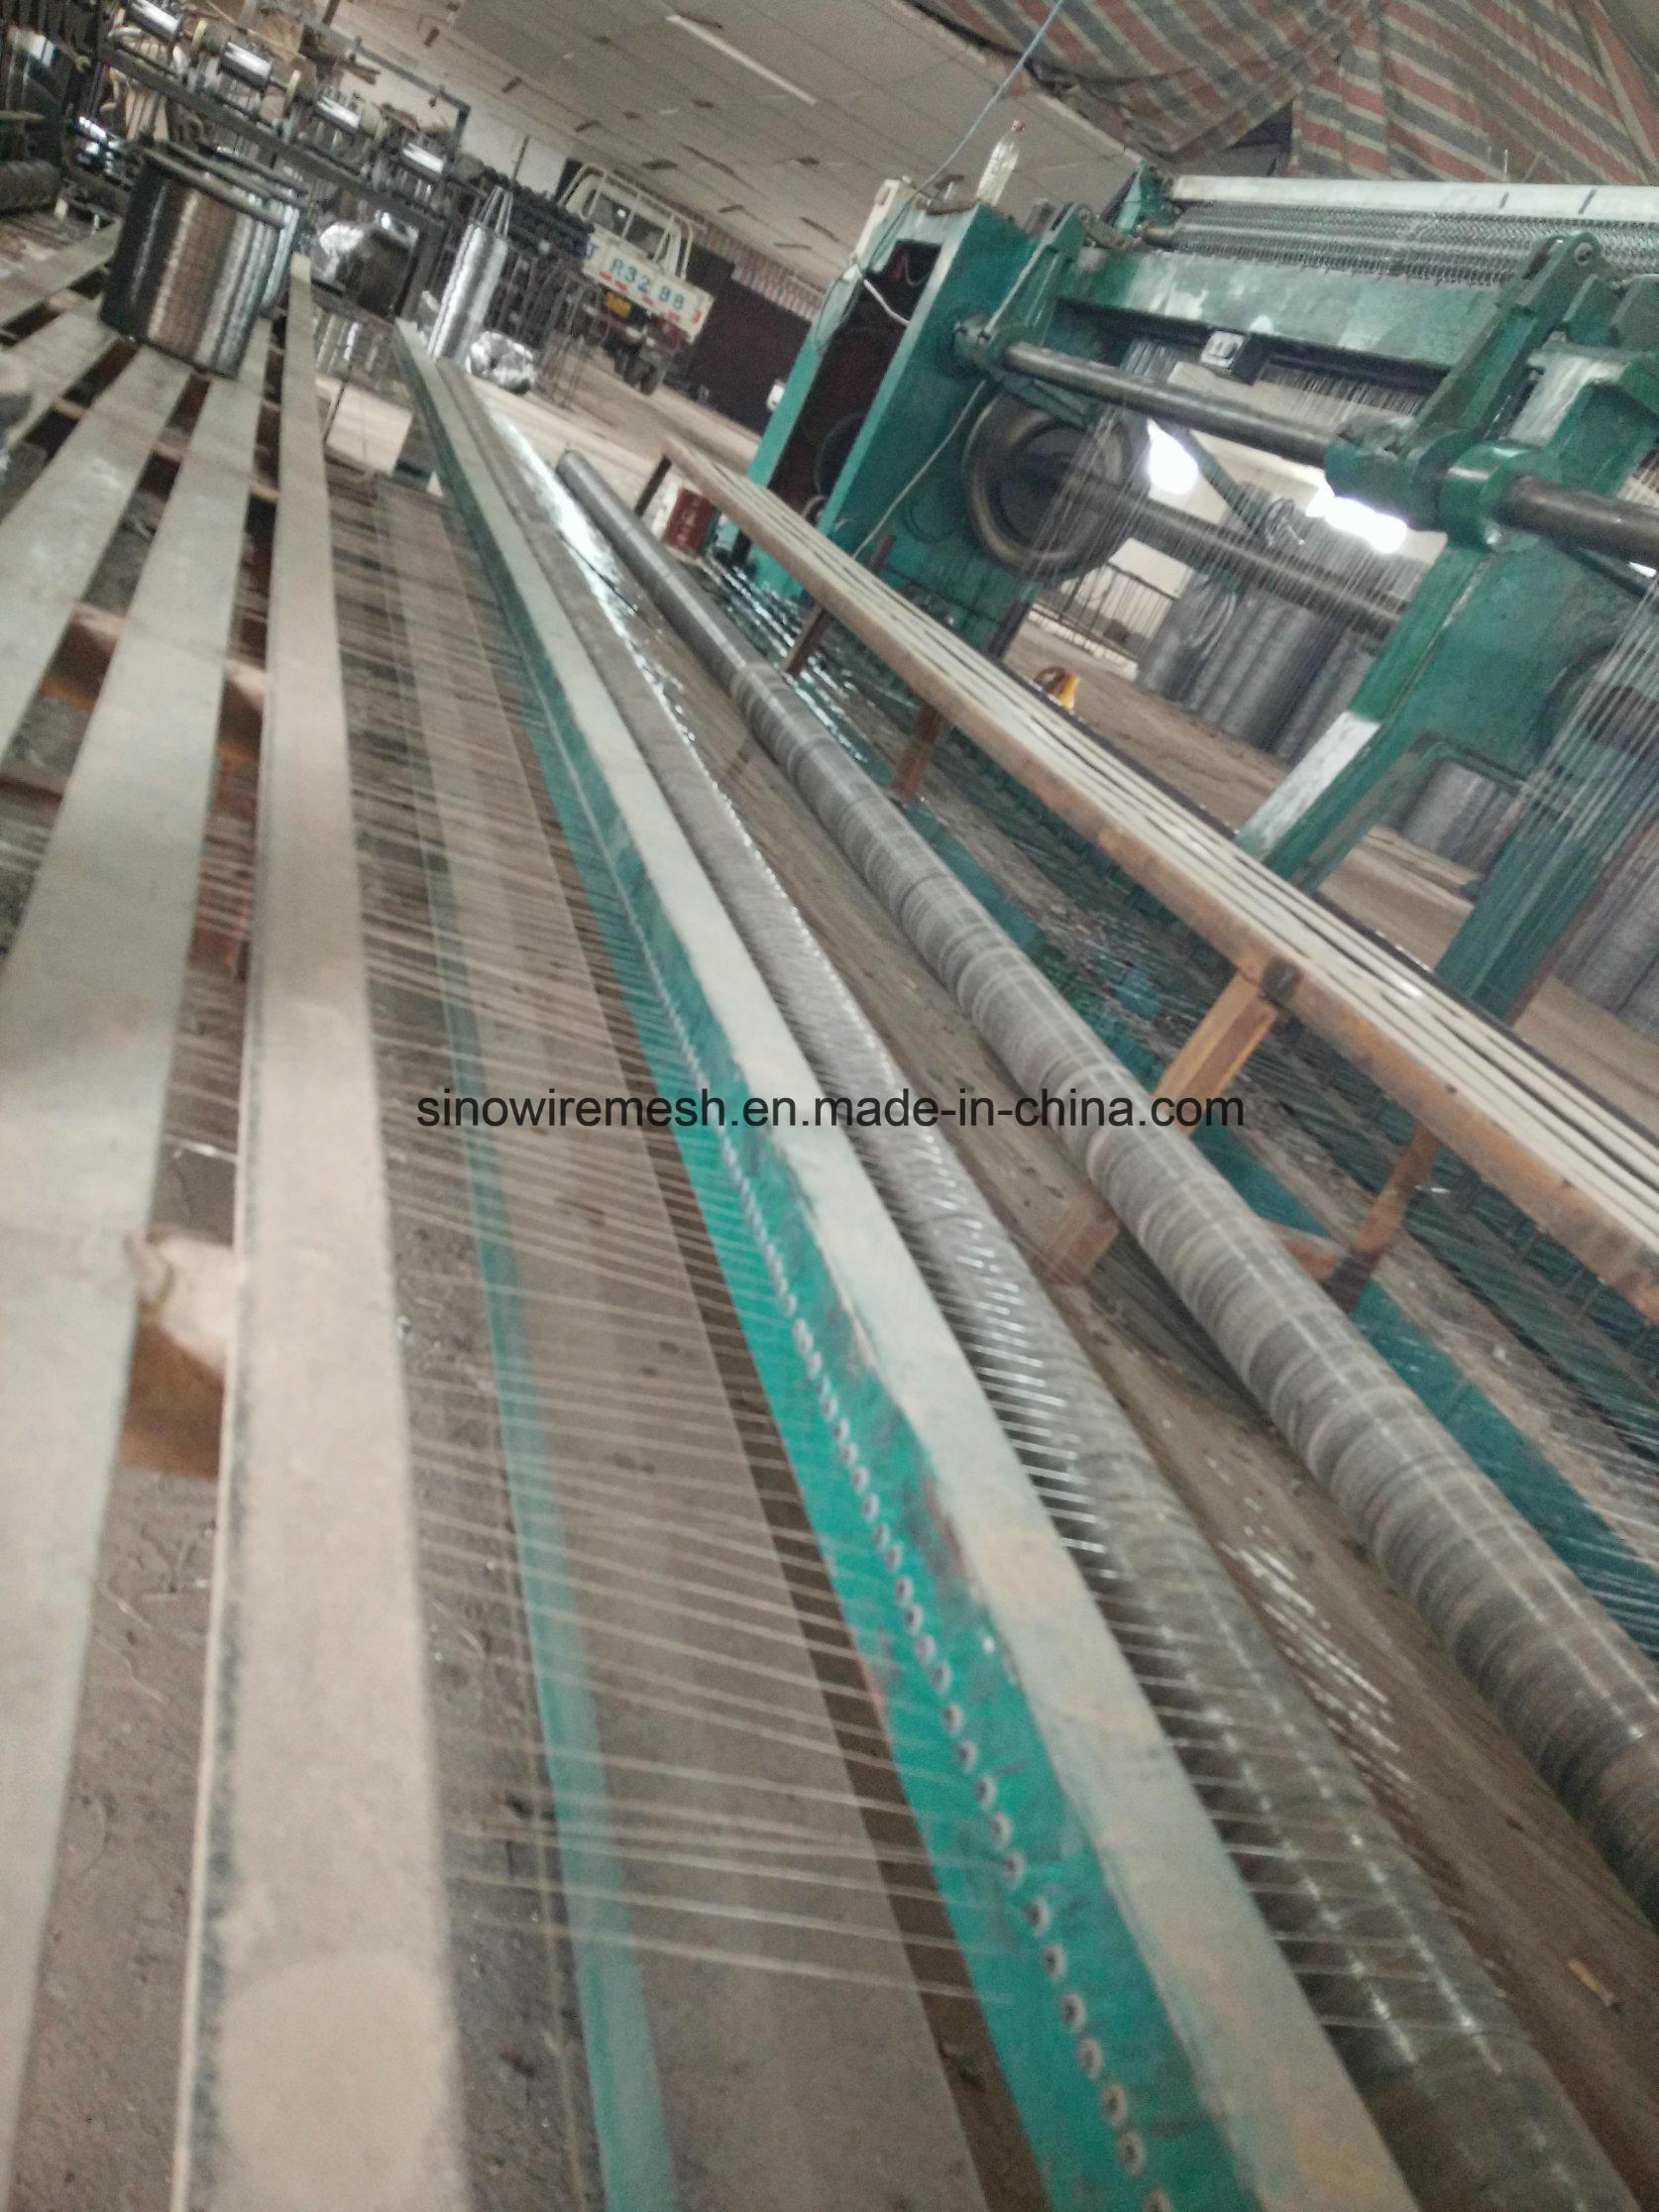 Galvanized Hexagonal Chicken/Rabbit/Poultry Wire Netting